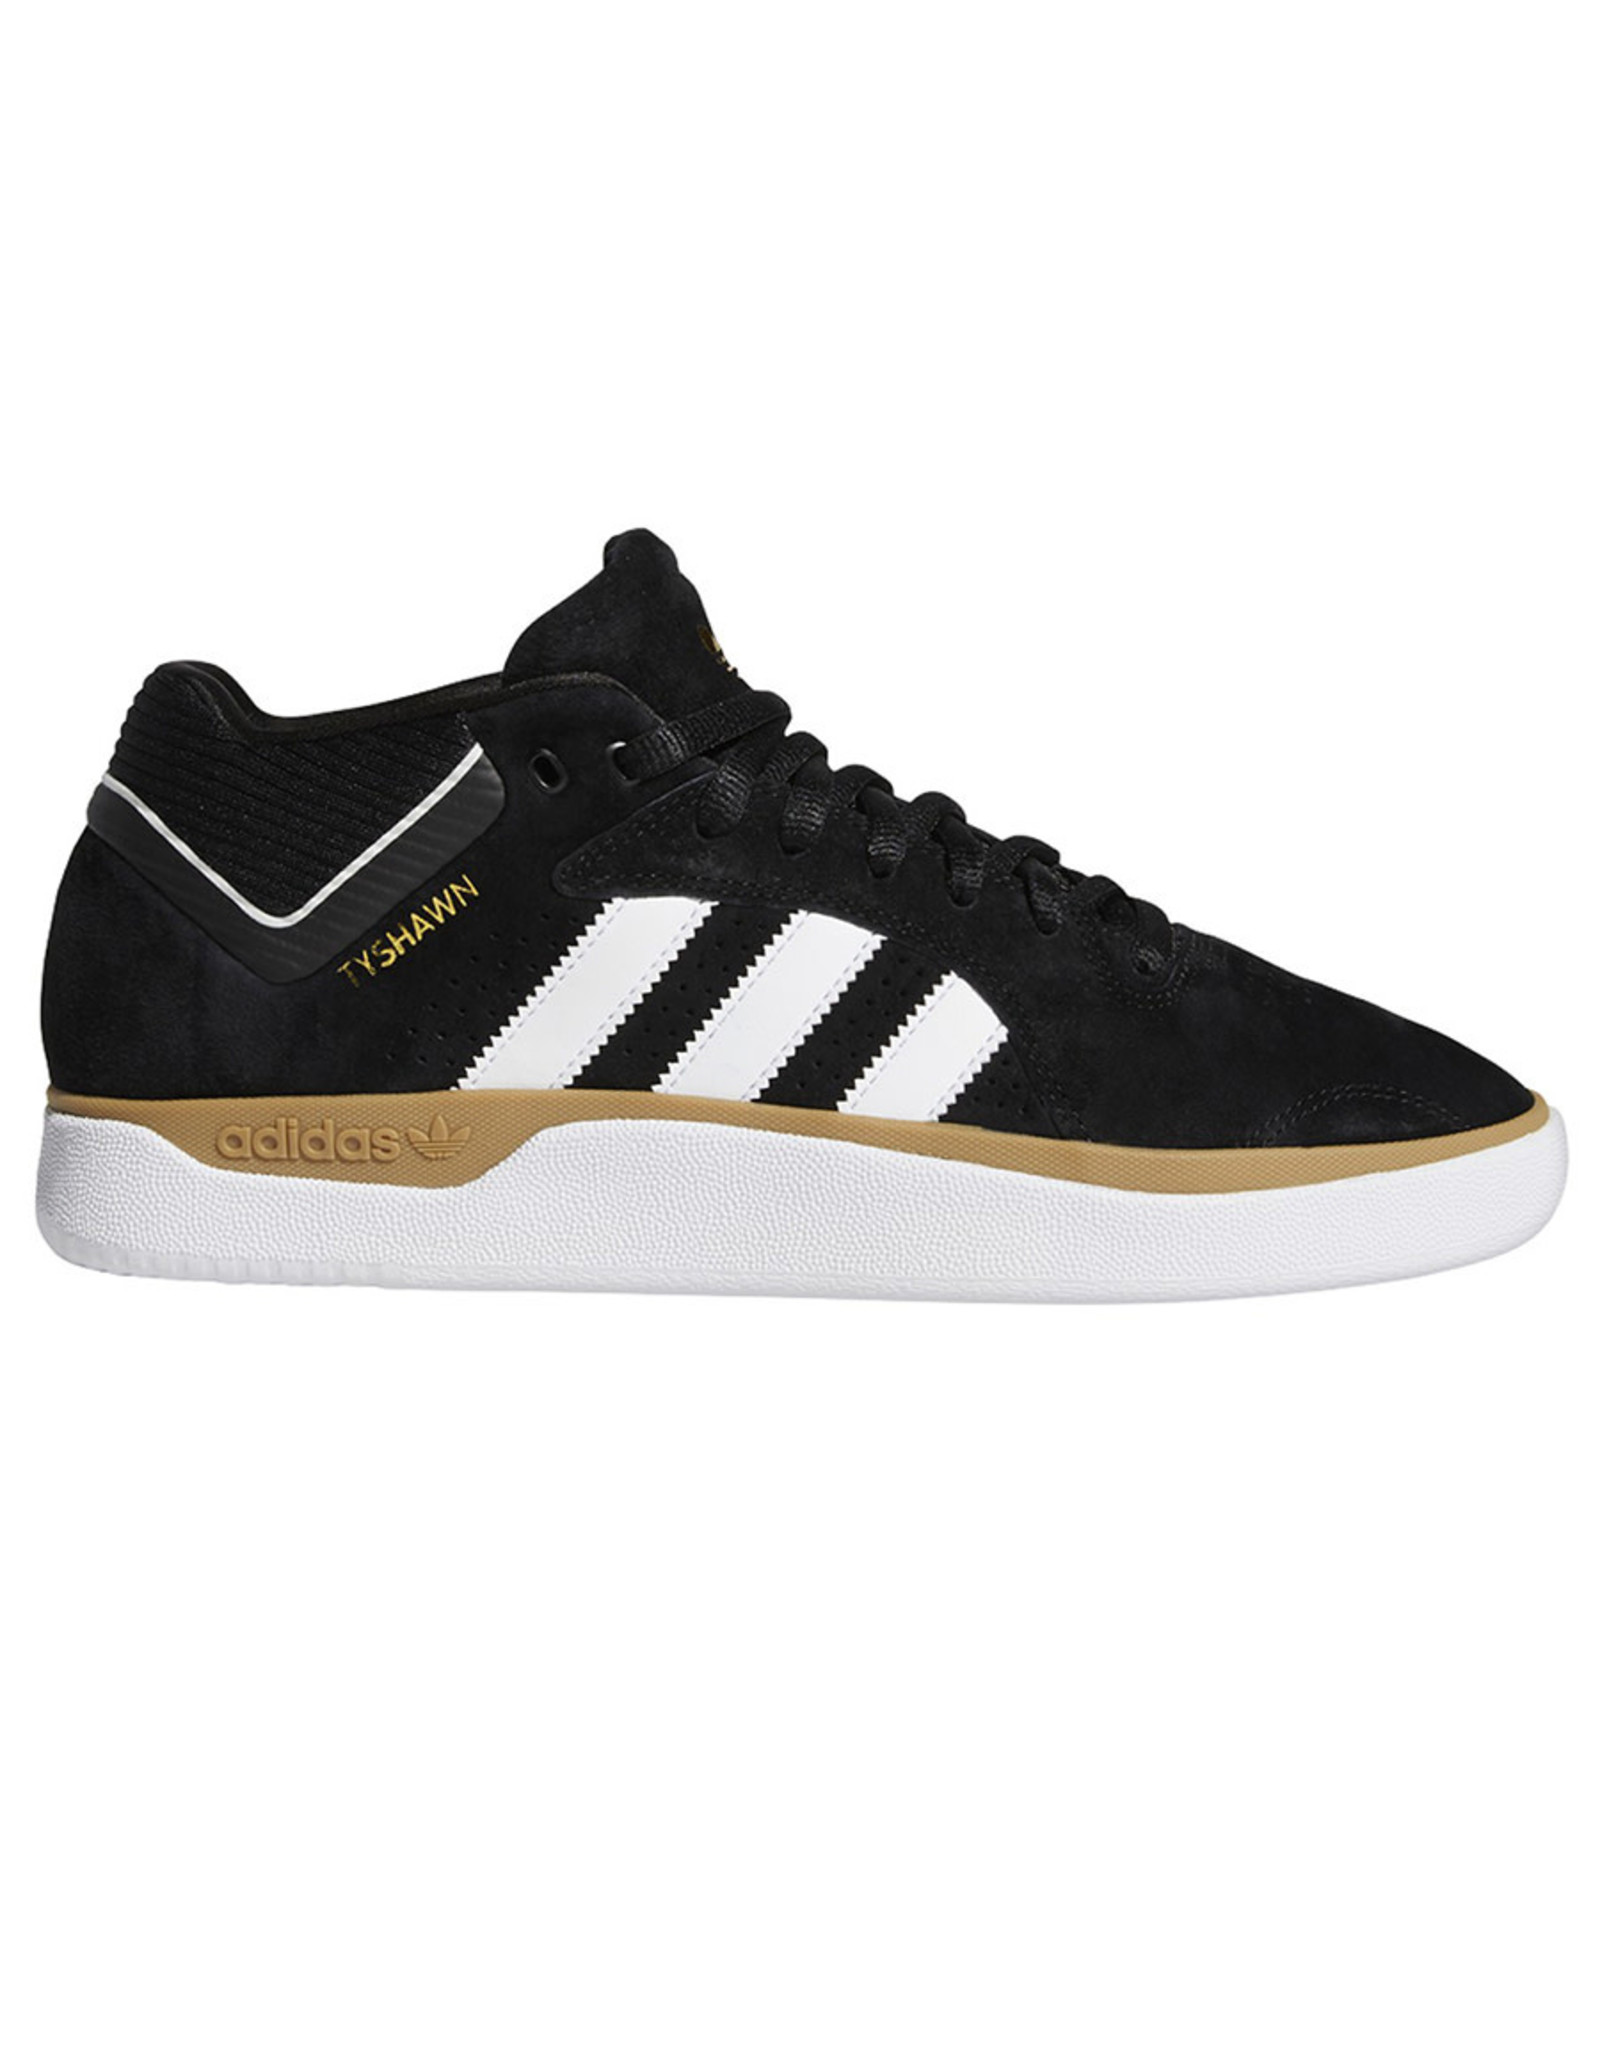 Adidas Adidas Shoe Tyshawn Pro